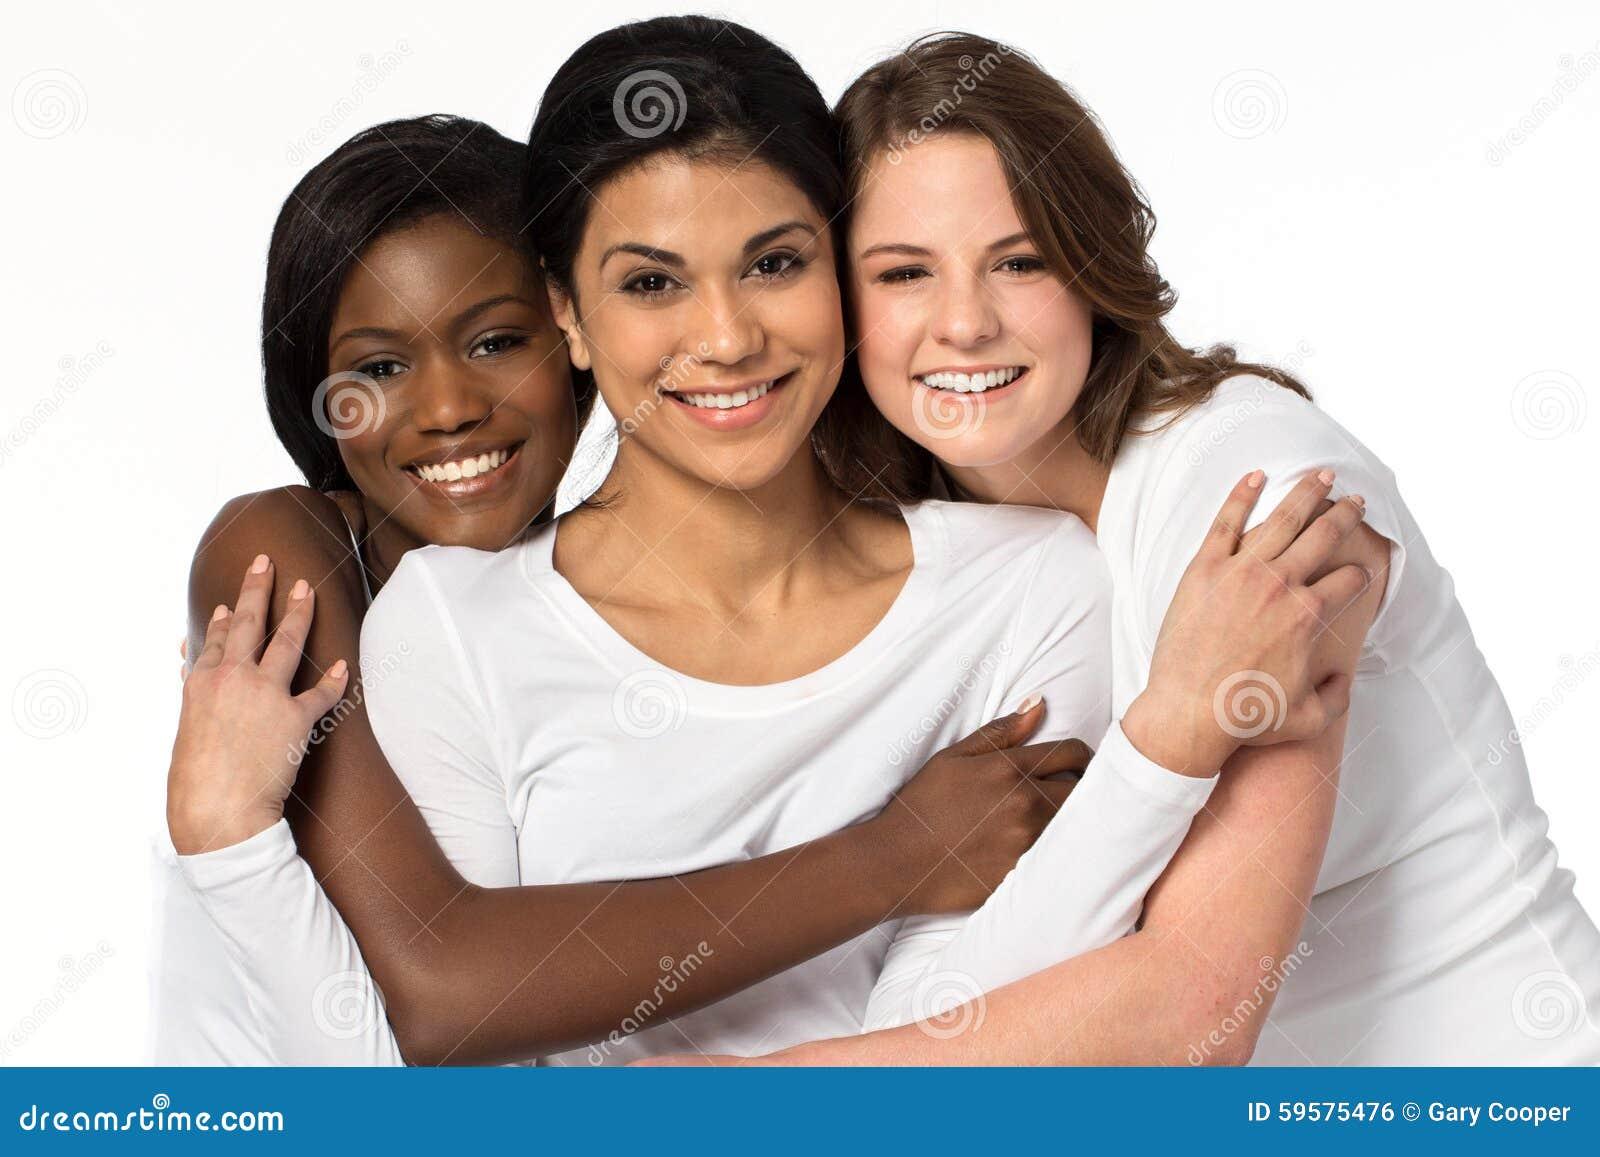 Διαφορετική ομάδα χαμόγελου γυναικών